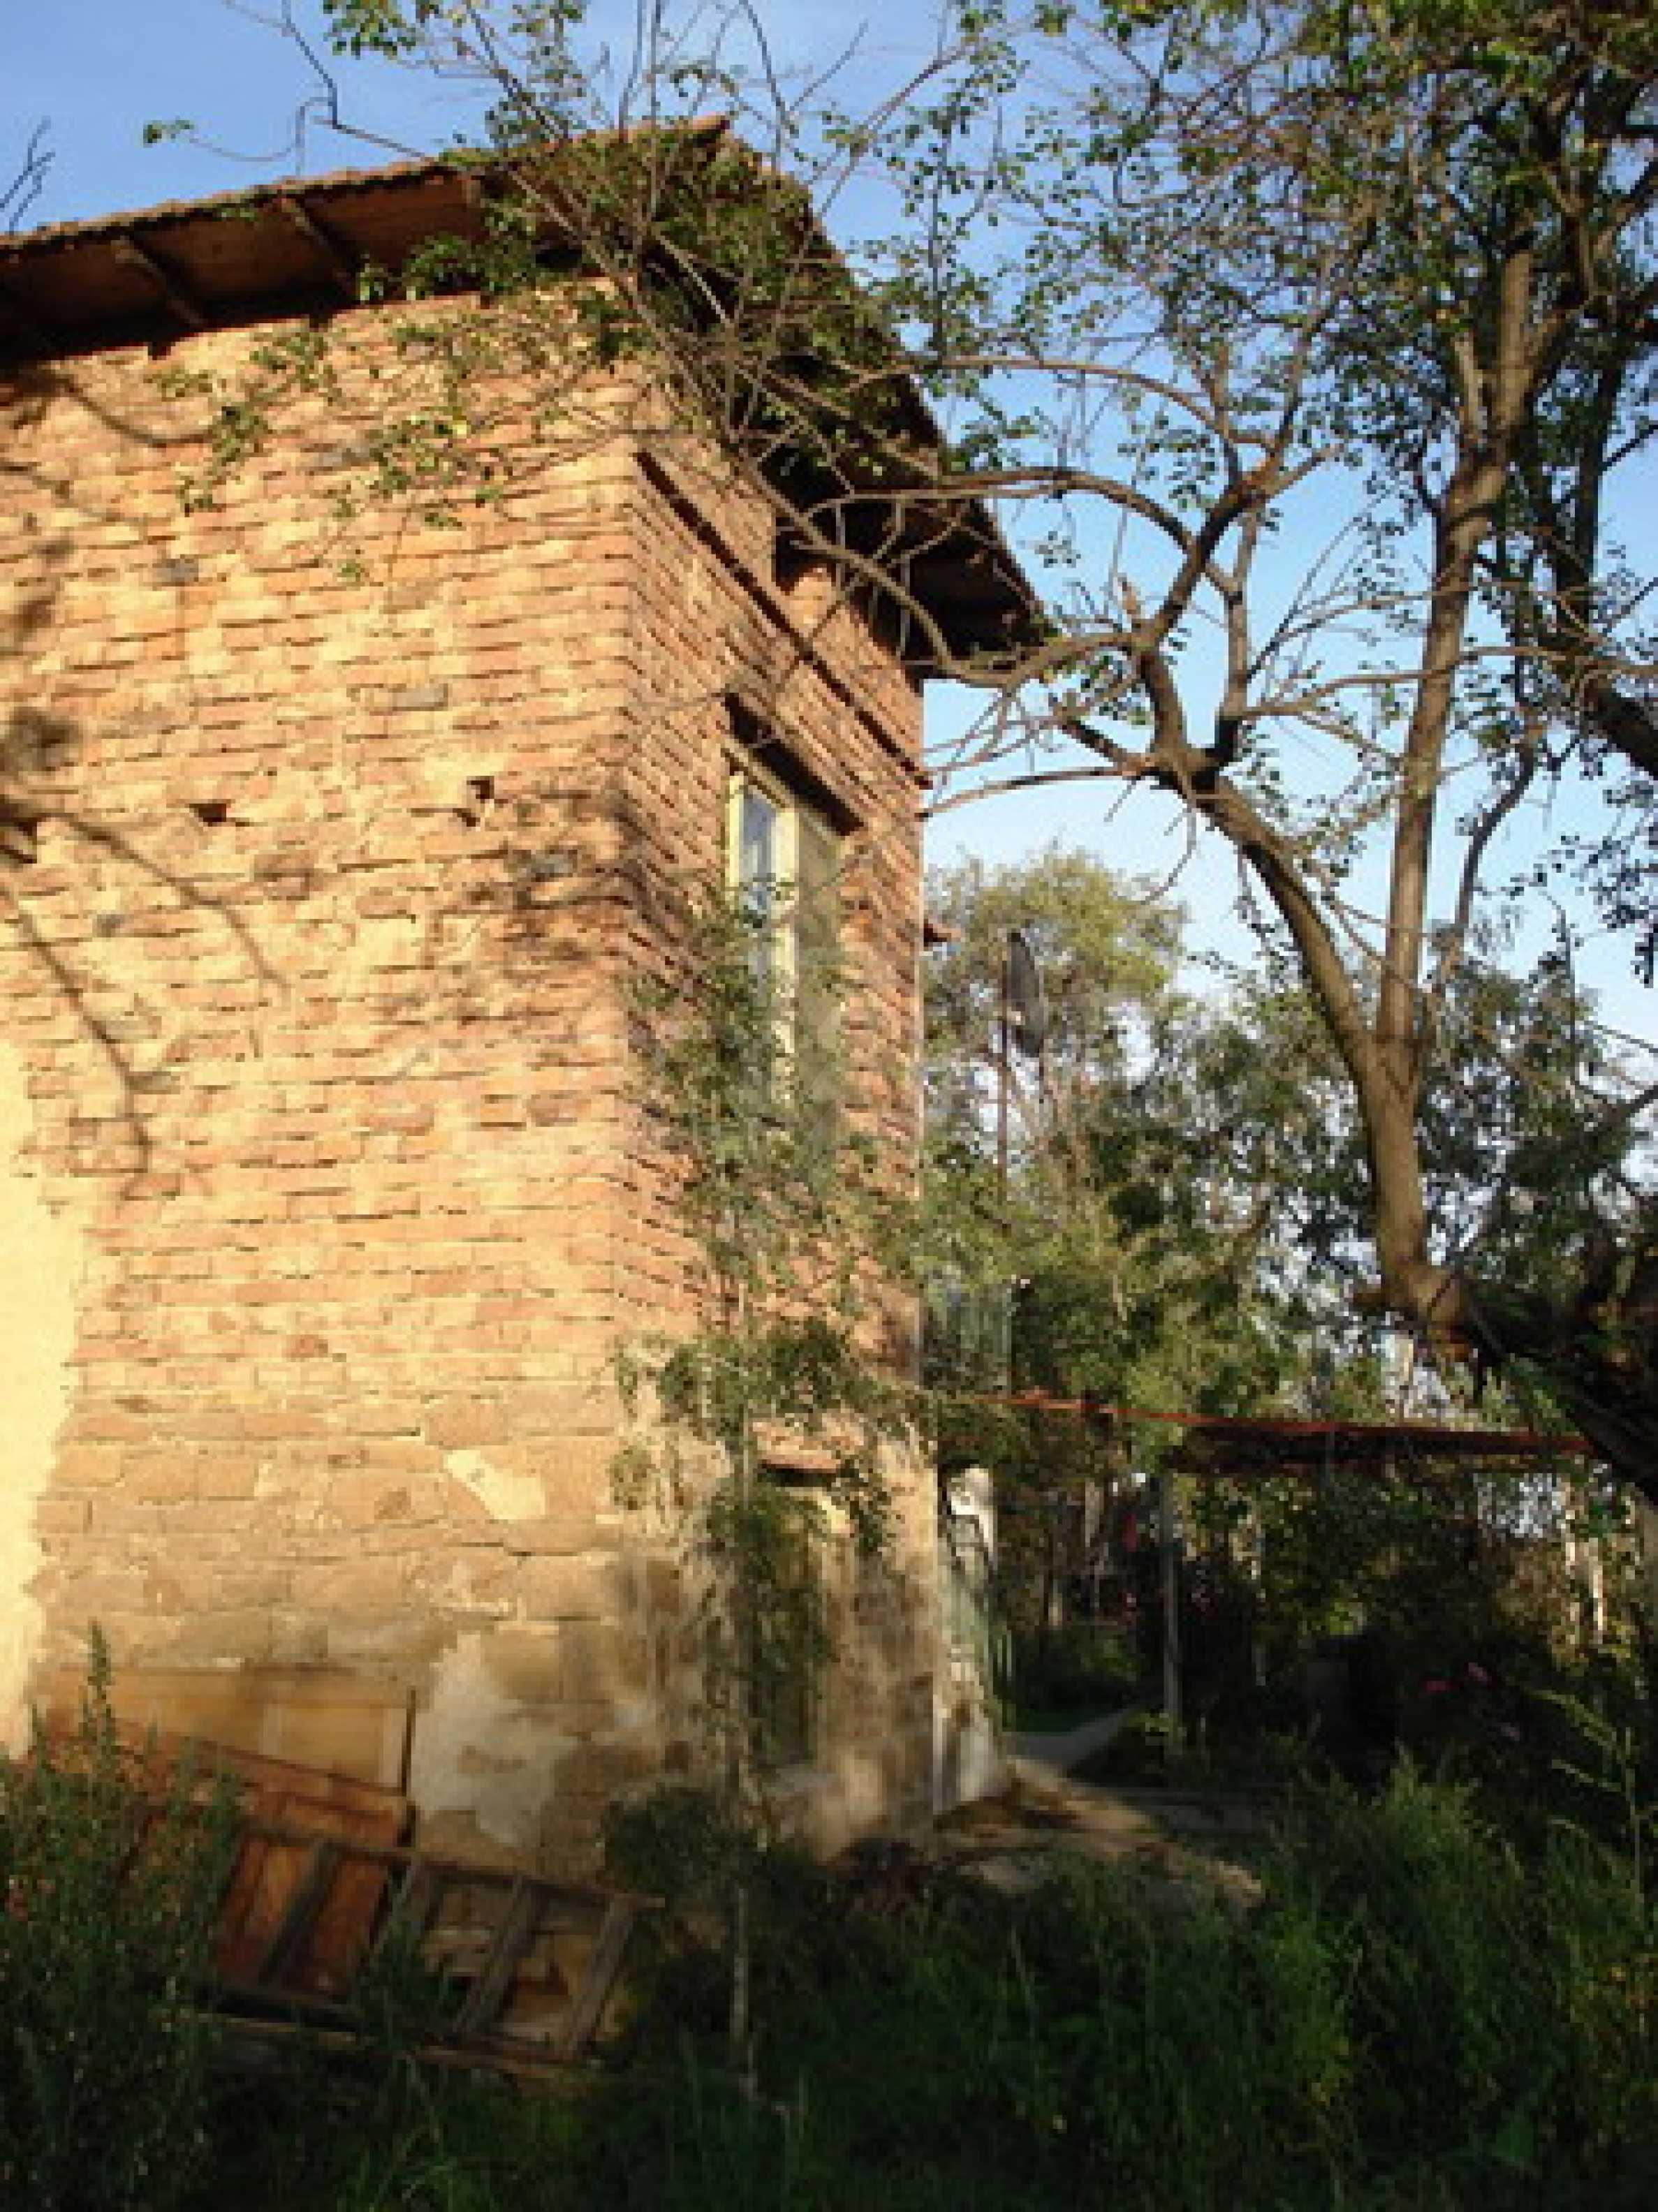 Brick-built village house 4